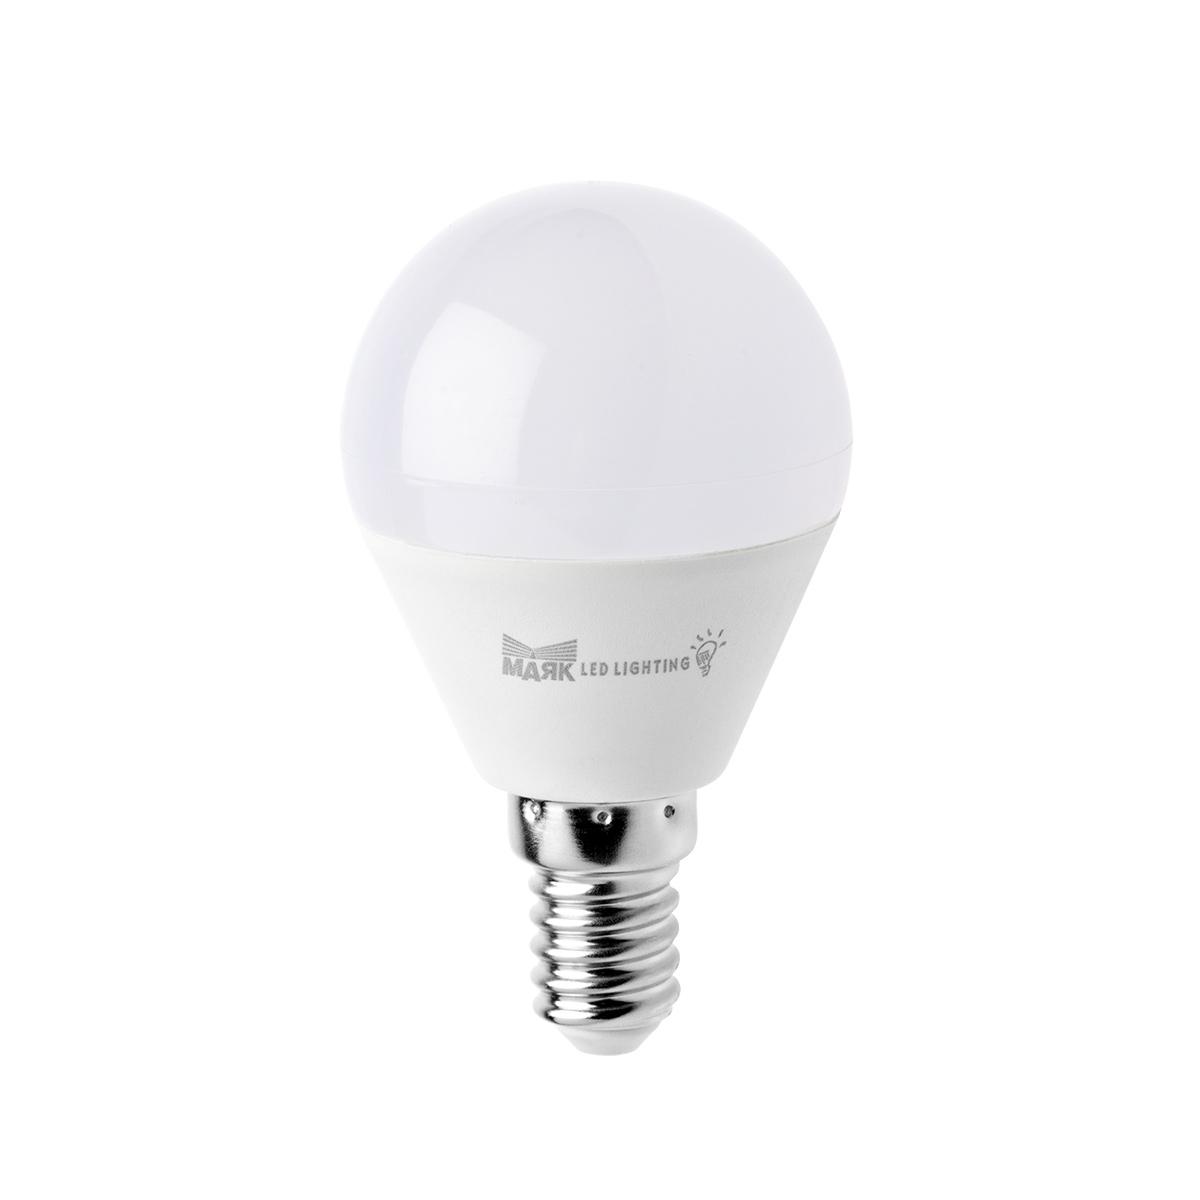 Лампа светодиодная МАЯК B45/e14/6w/4000k лампа светодиодная classic f e14 6w 4200k шар матовый 4690389108310